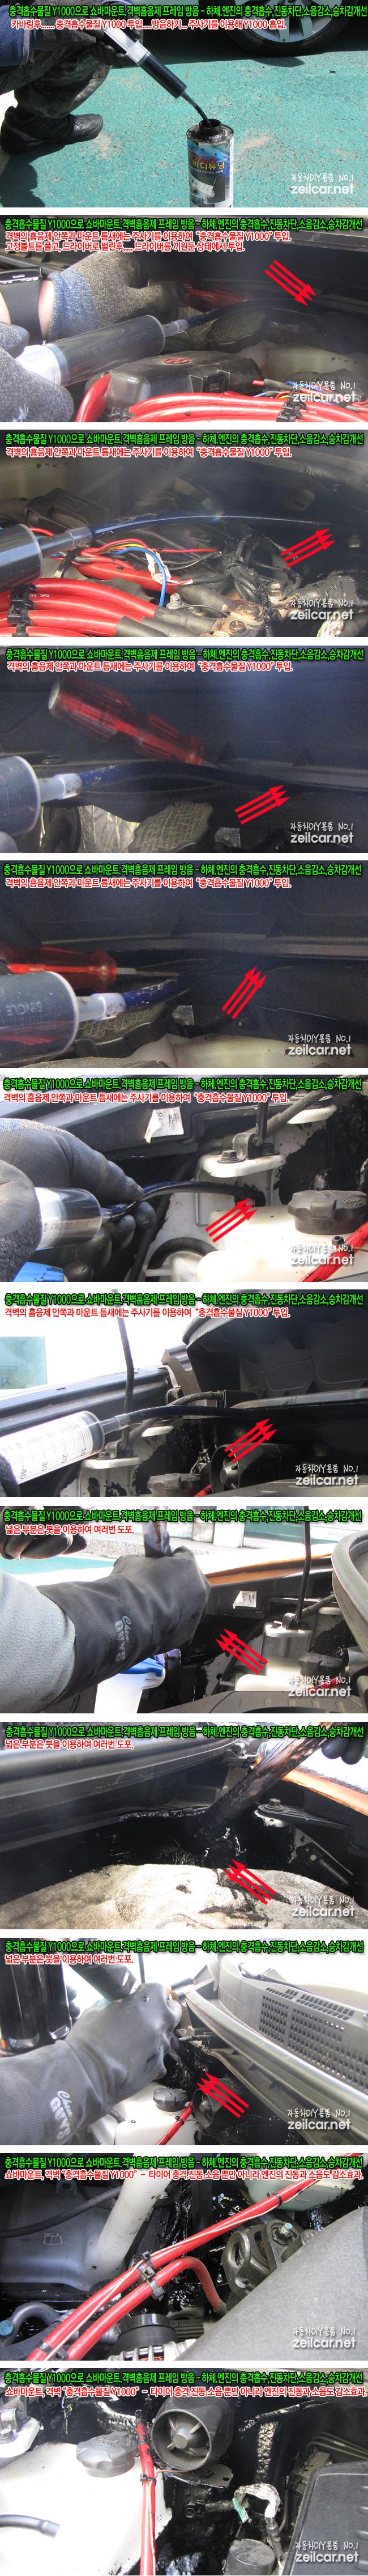 엔진방음用 DIY kits (쇼바마운트,엔진격벽,프레임,전면범버)